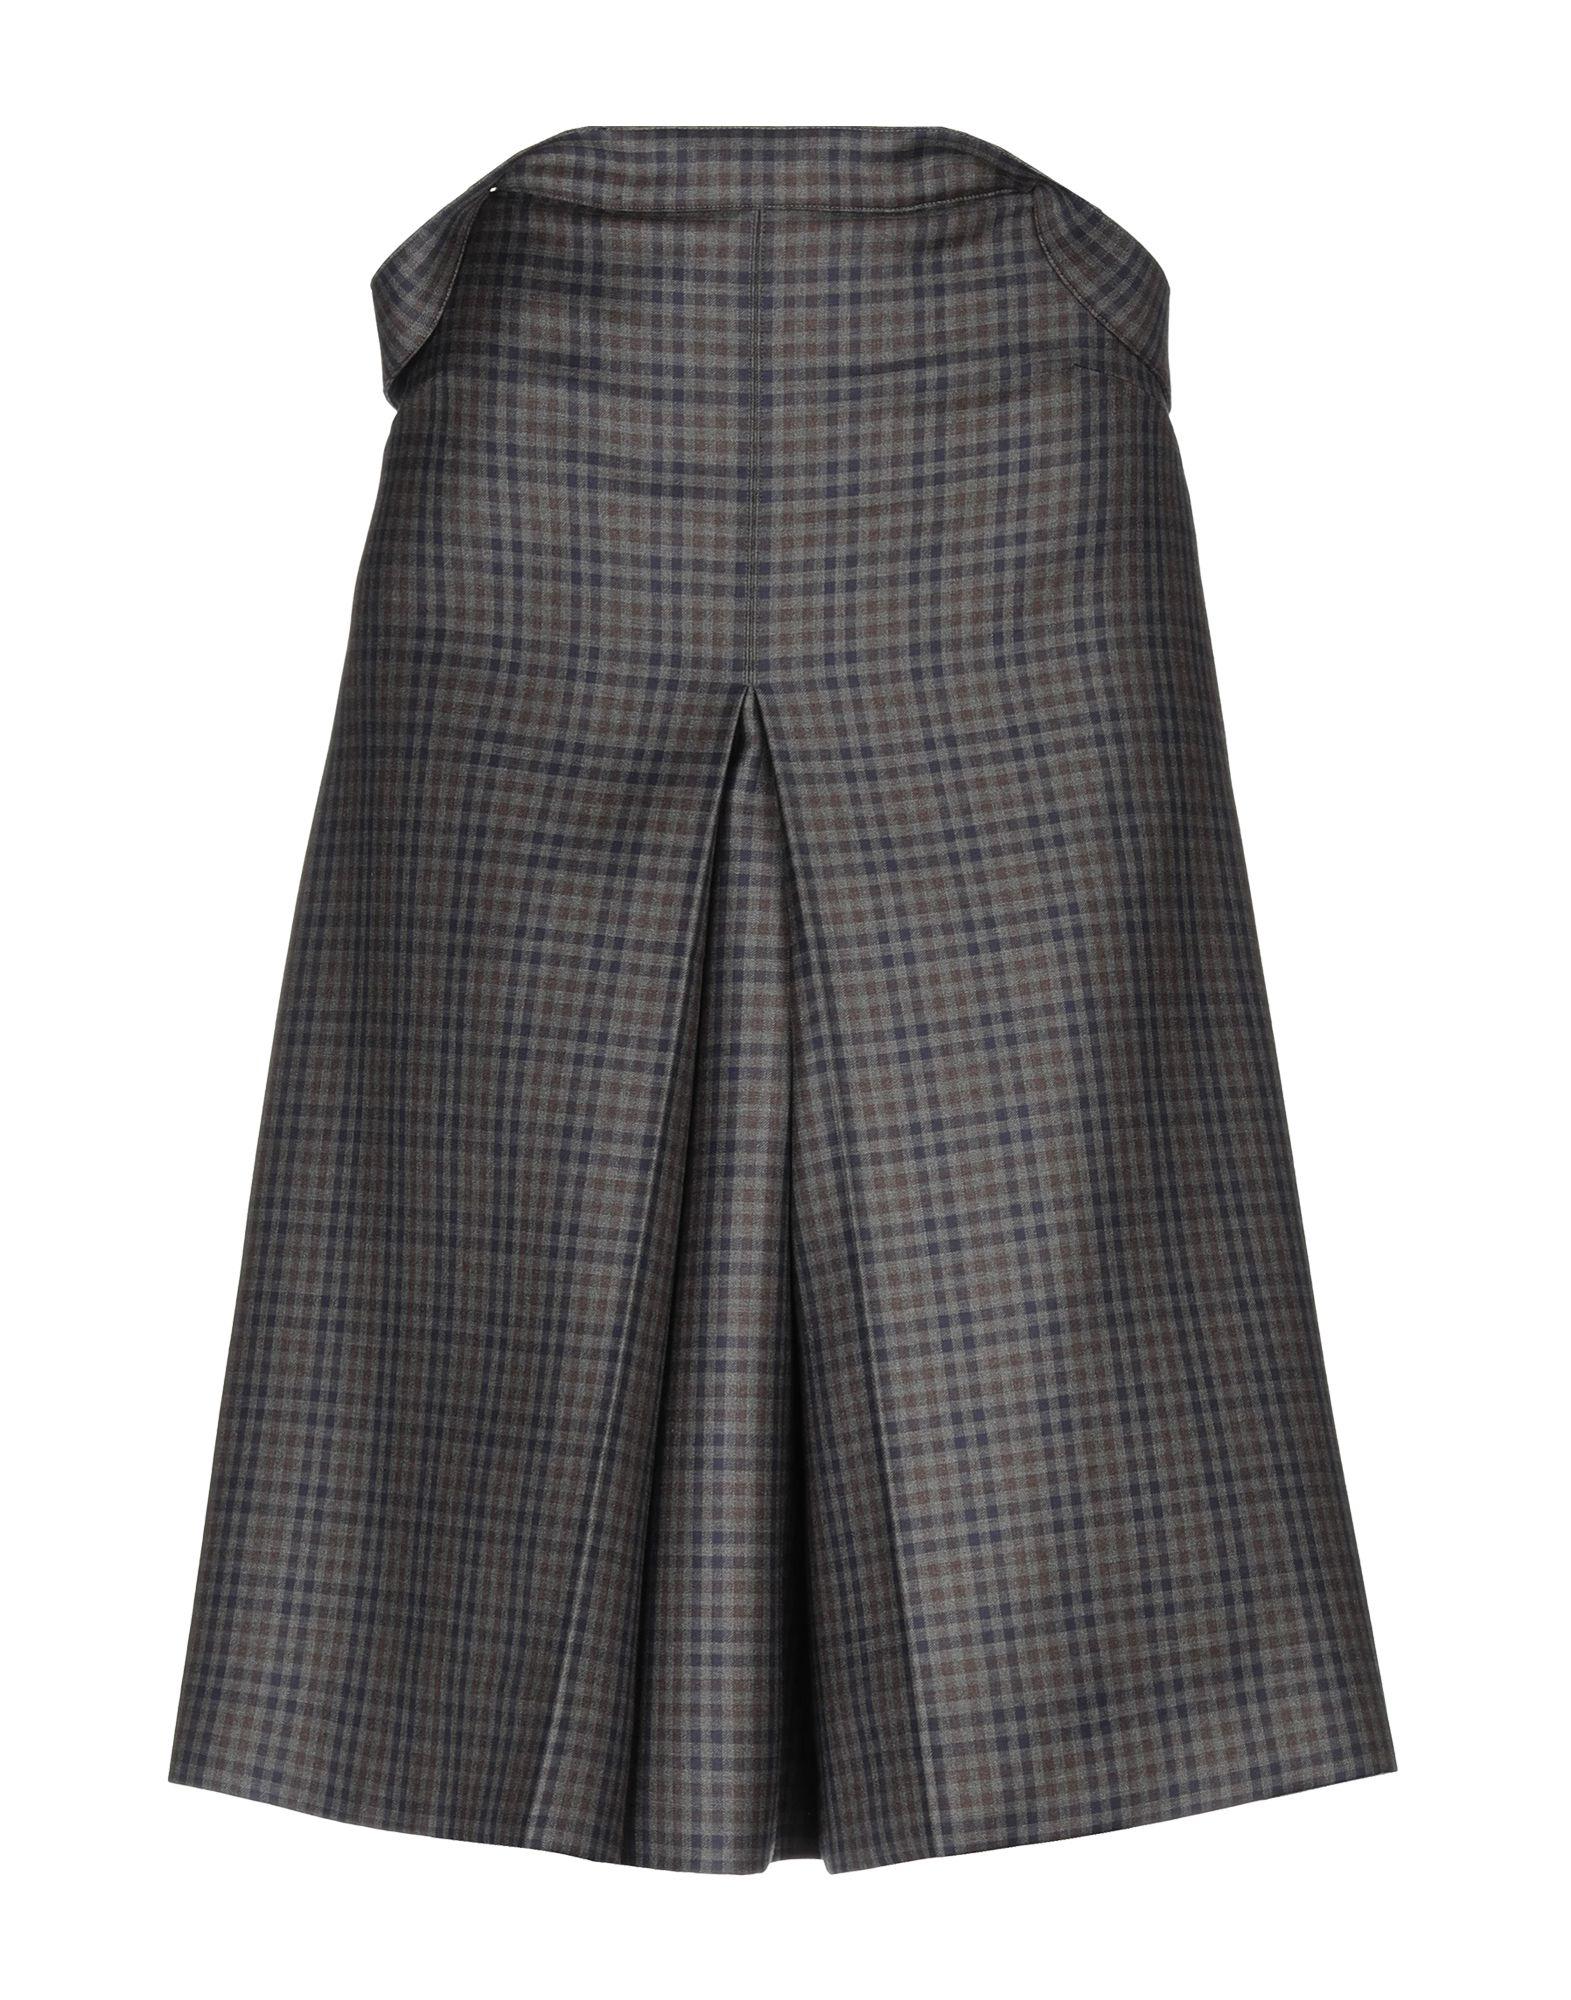 Falda Corta Balenciaga Mujer - Faldas Cortas Balenciaga en YOOX - 35395564XH a59cfc003542